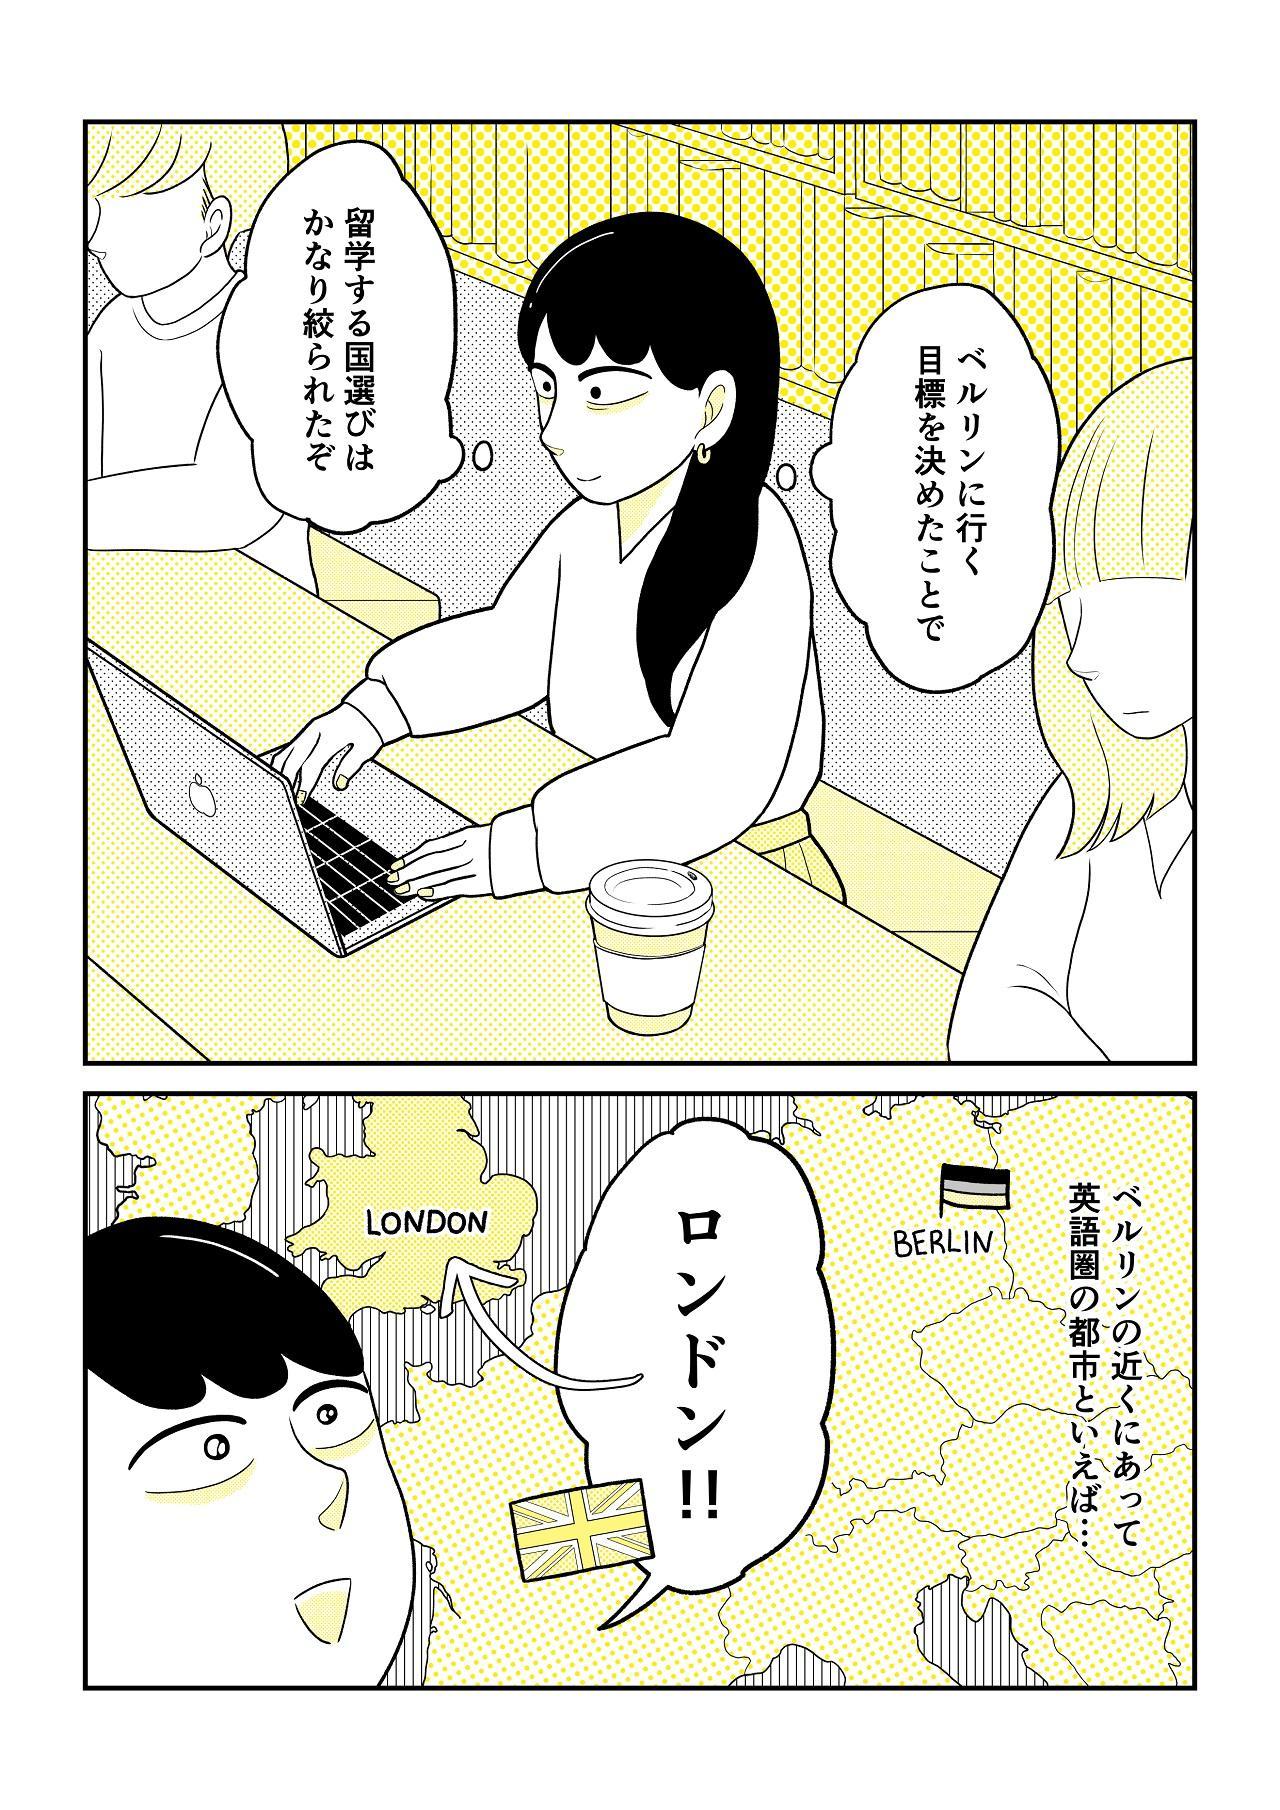 03_01_1280.jpg